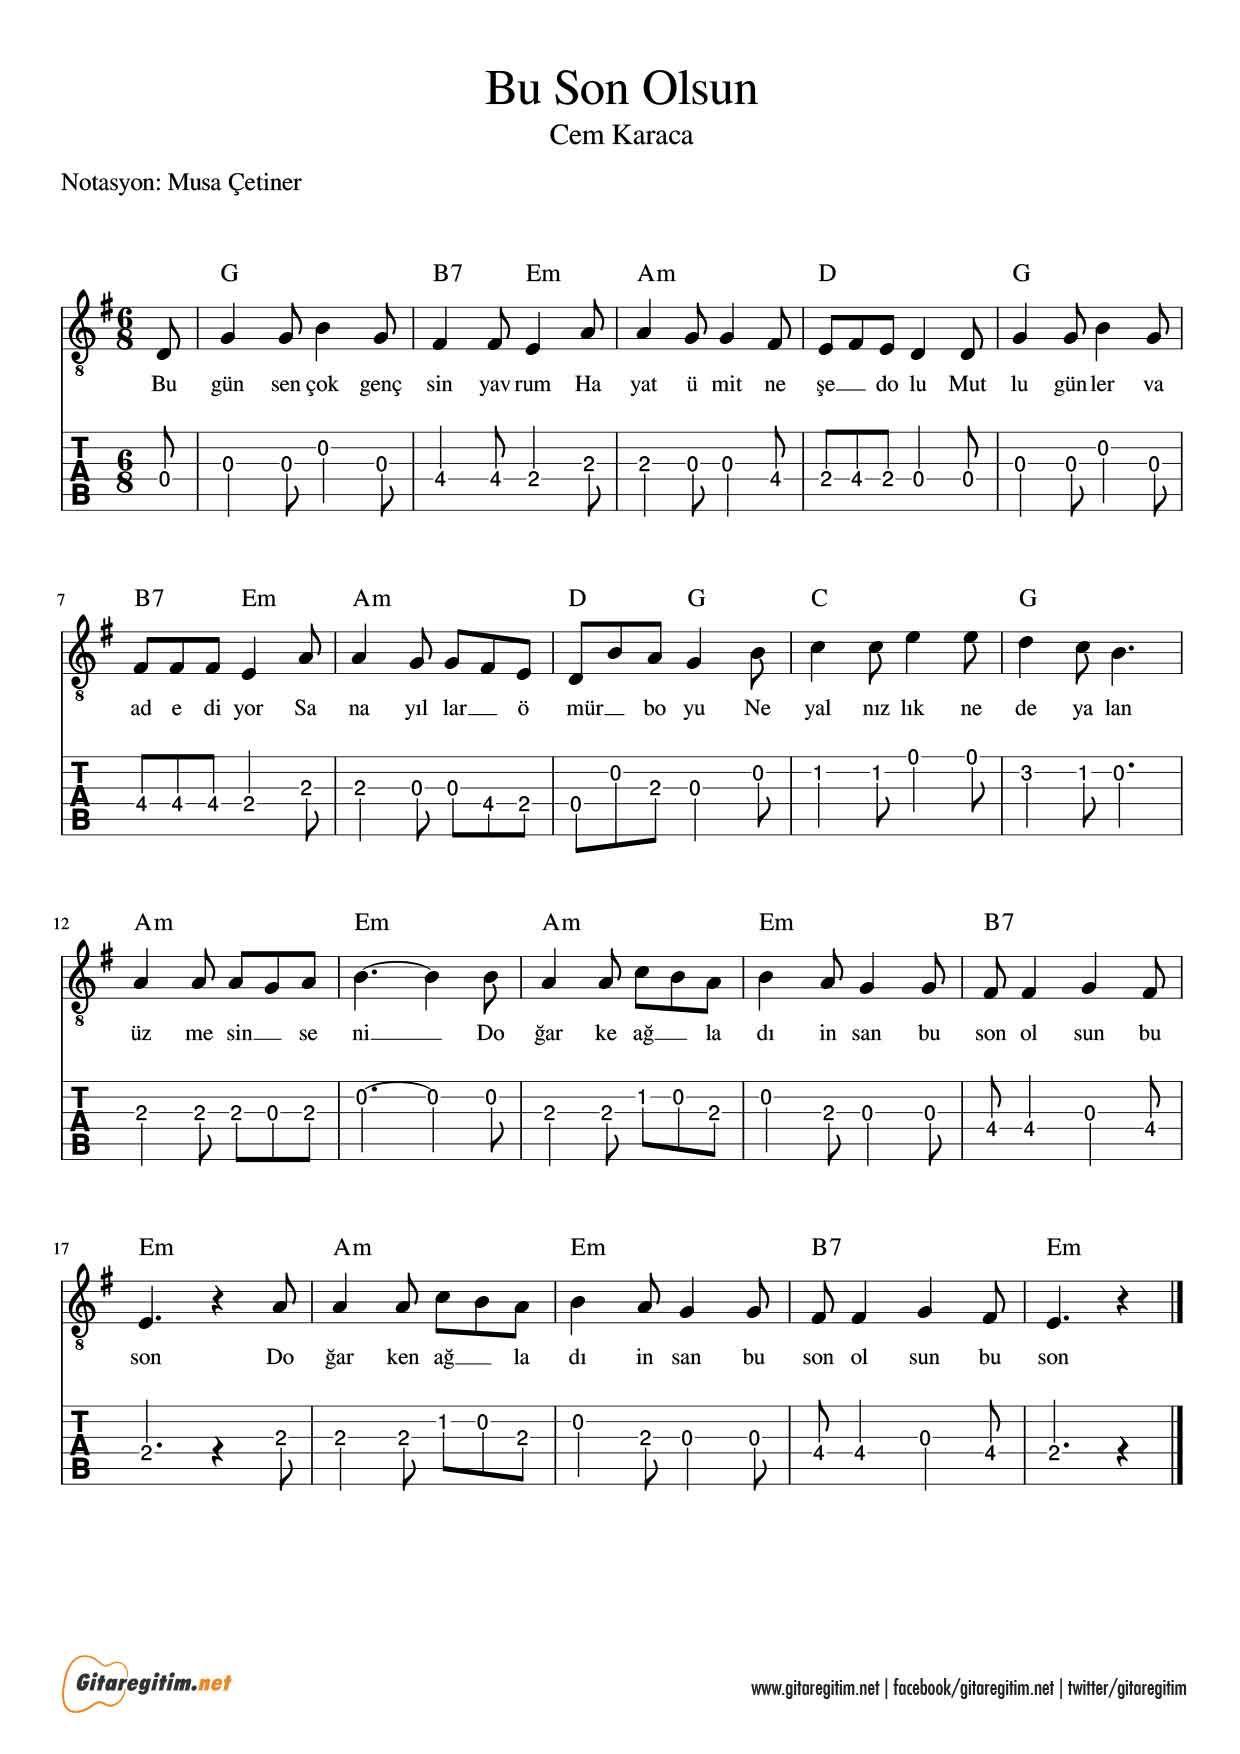 Bu Son Olsun Gitar Nota Tab Gitaregitim Net Muzik Notalari Notalara Dokulmus Muzik Flut